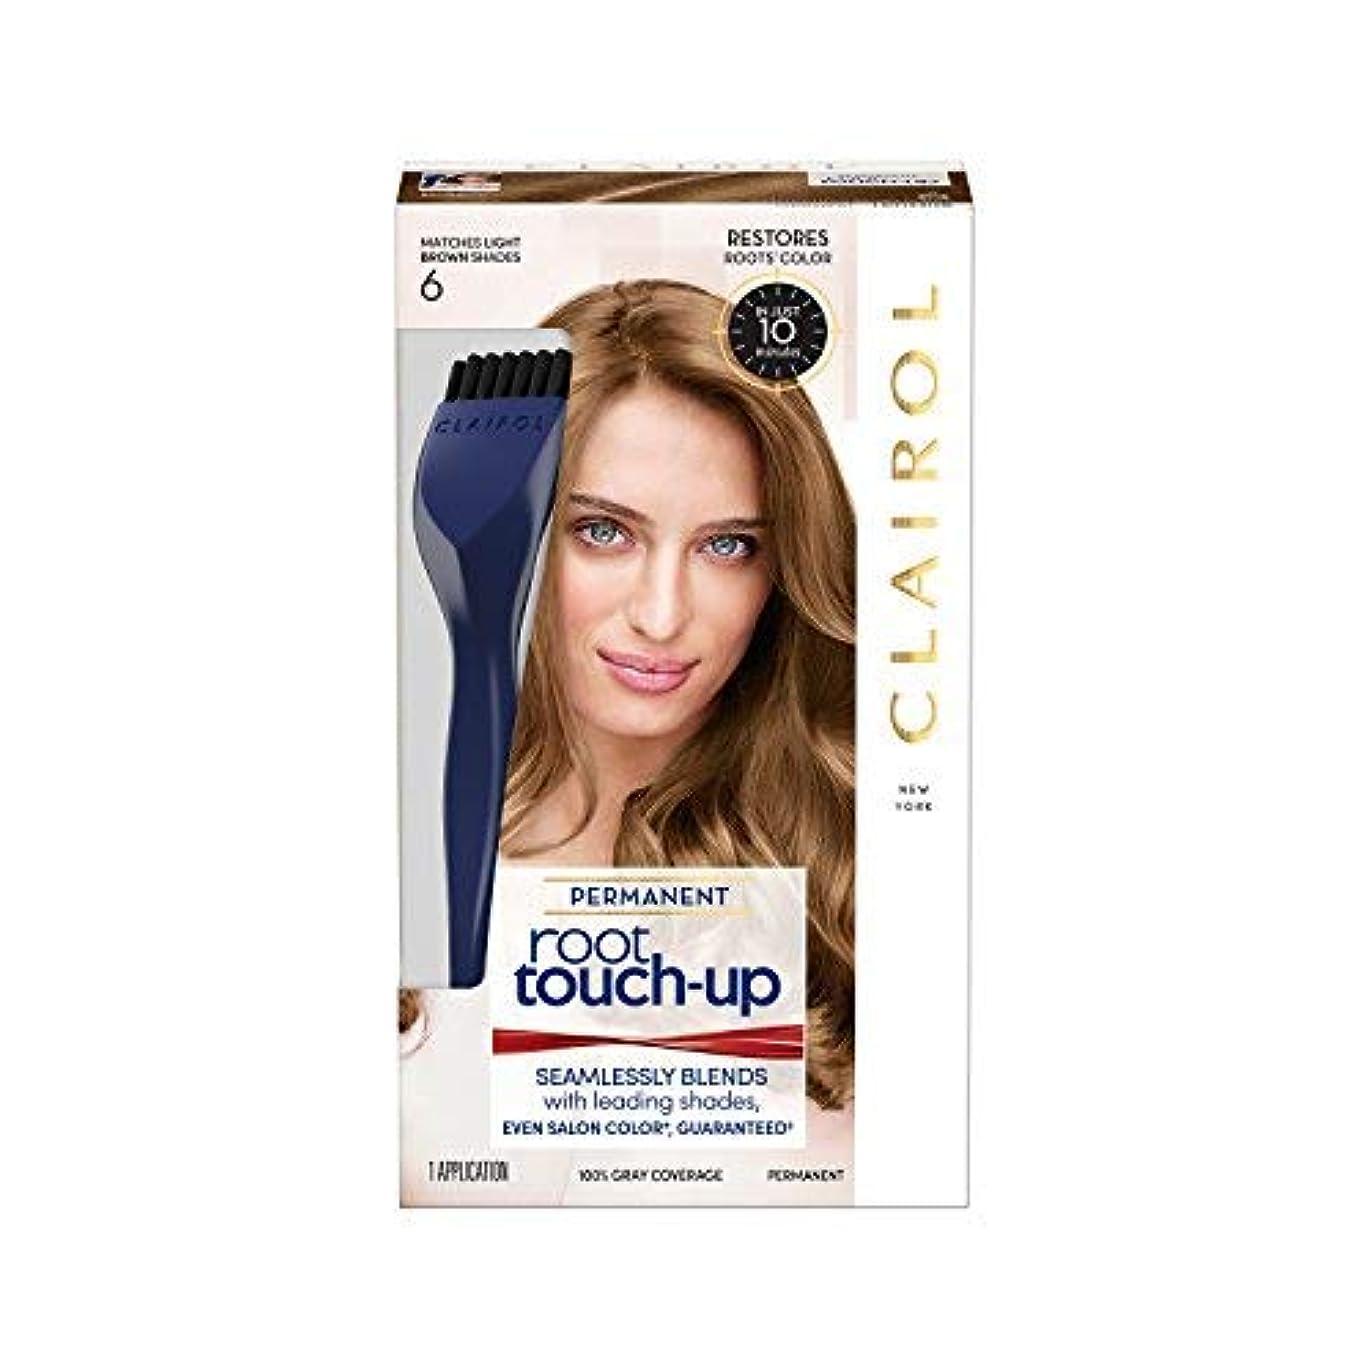 生まれ雑種色合い海外直送品 ルートタッチ Root Touch-Up - Just The Brunette Shades 6 自宅で10分?簡単ルートカラー (柔らかなライトブラウン)